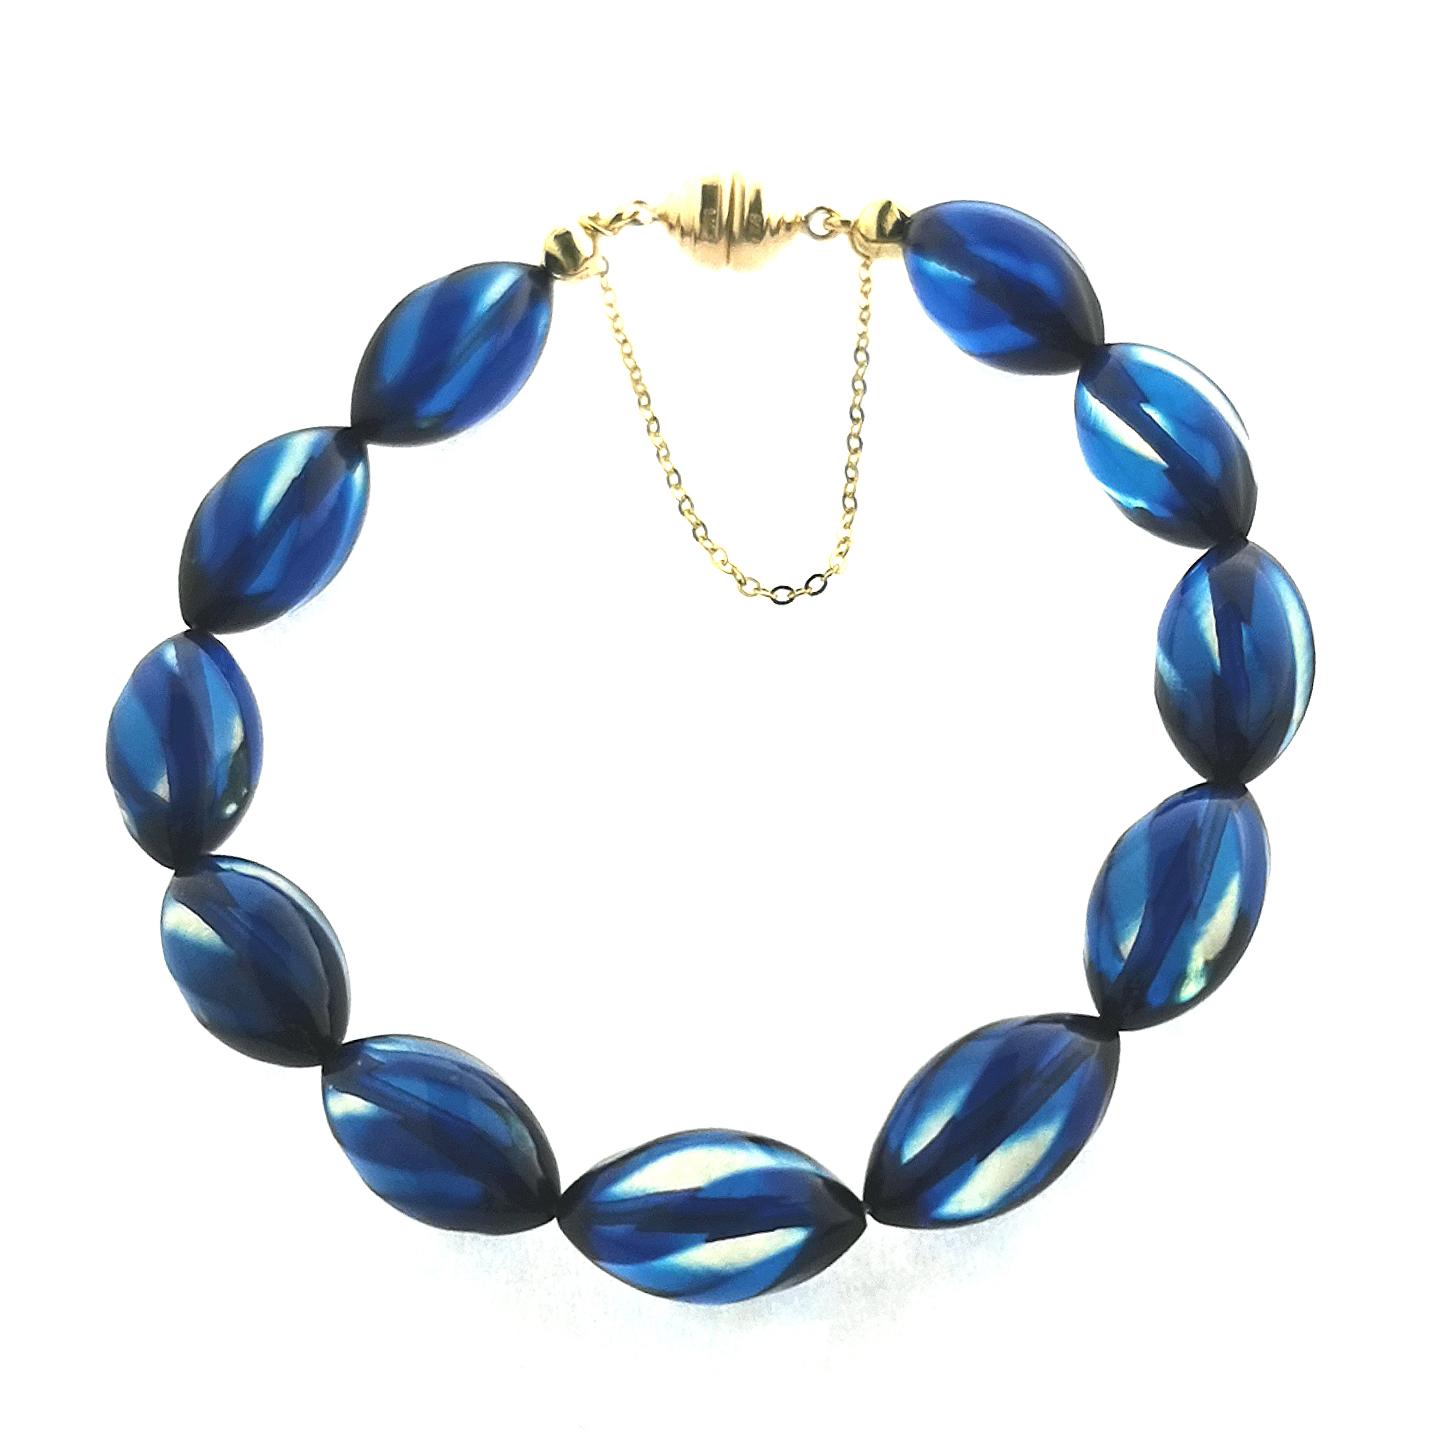 Bernstein / Copal beh. blau gesamt ca. 40 ct  Edelstein Armband mit Magnetschließe Carat 3000 375 Gelbgold, Sogni d´oro